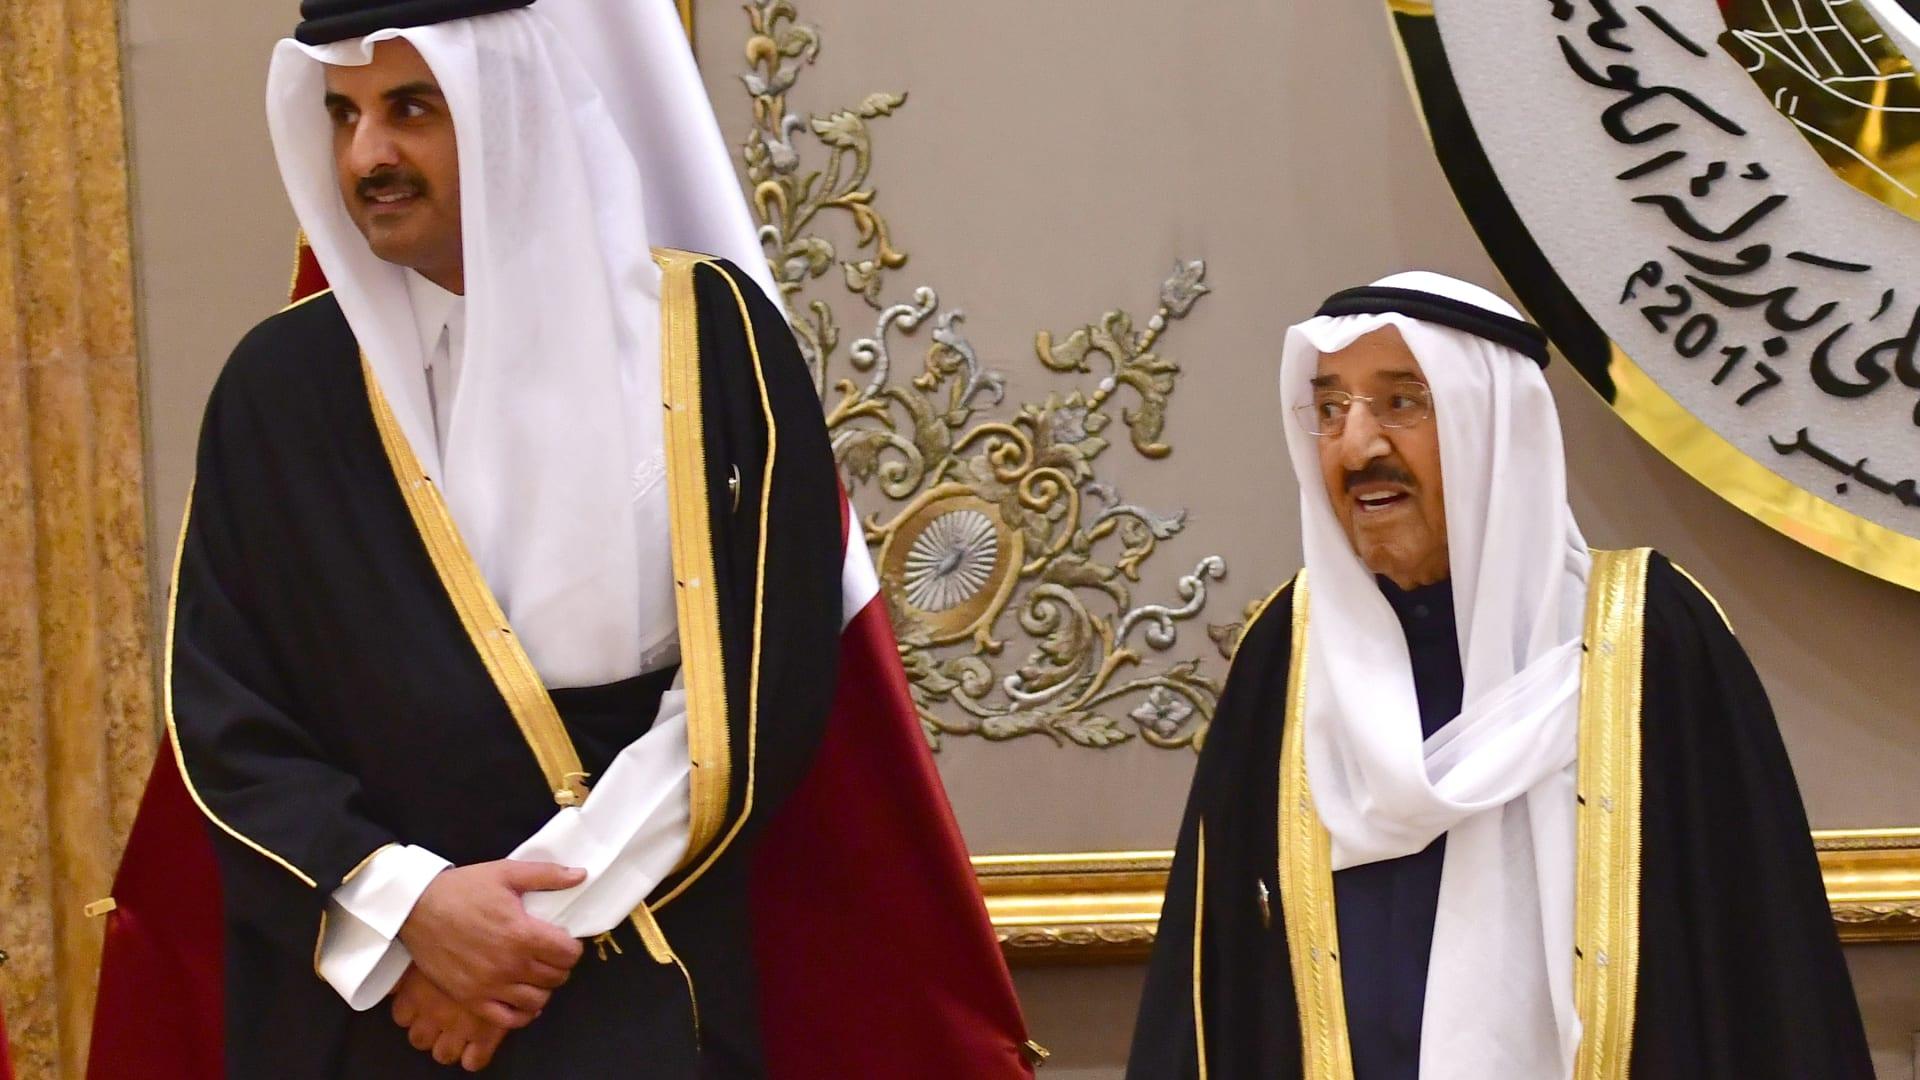 تداول صورة تظهر دموع أمير قطر أثناء تشييع الشيخ صباح الأحمد الصباح